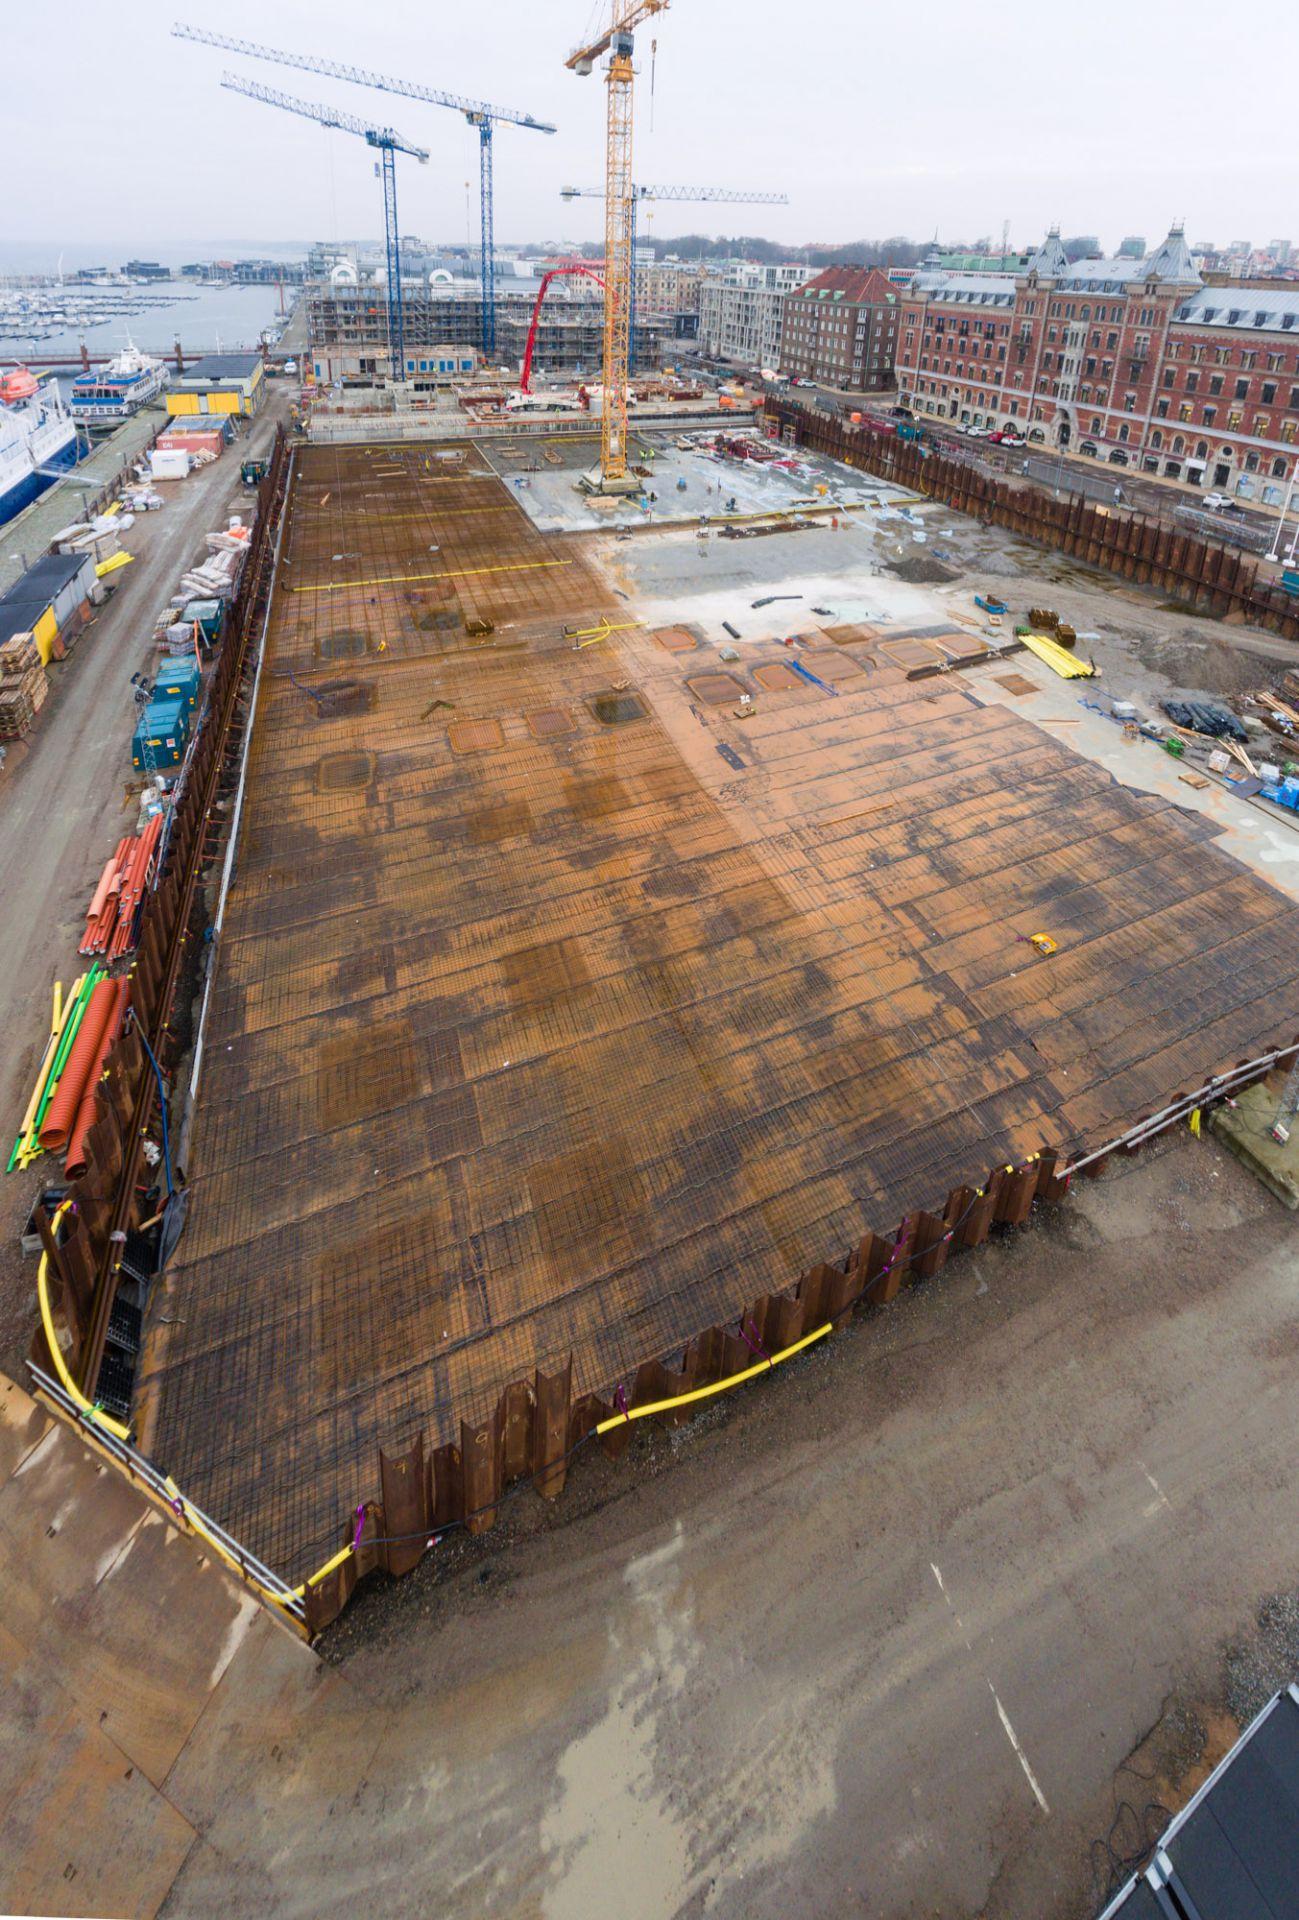 Översikt utav byggplatsen för kongresshuset mitt i Helsingborg vid kajkanten med fokus på markarbetet.